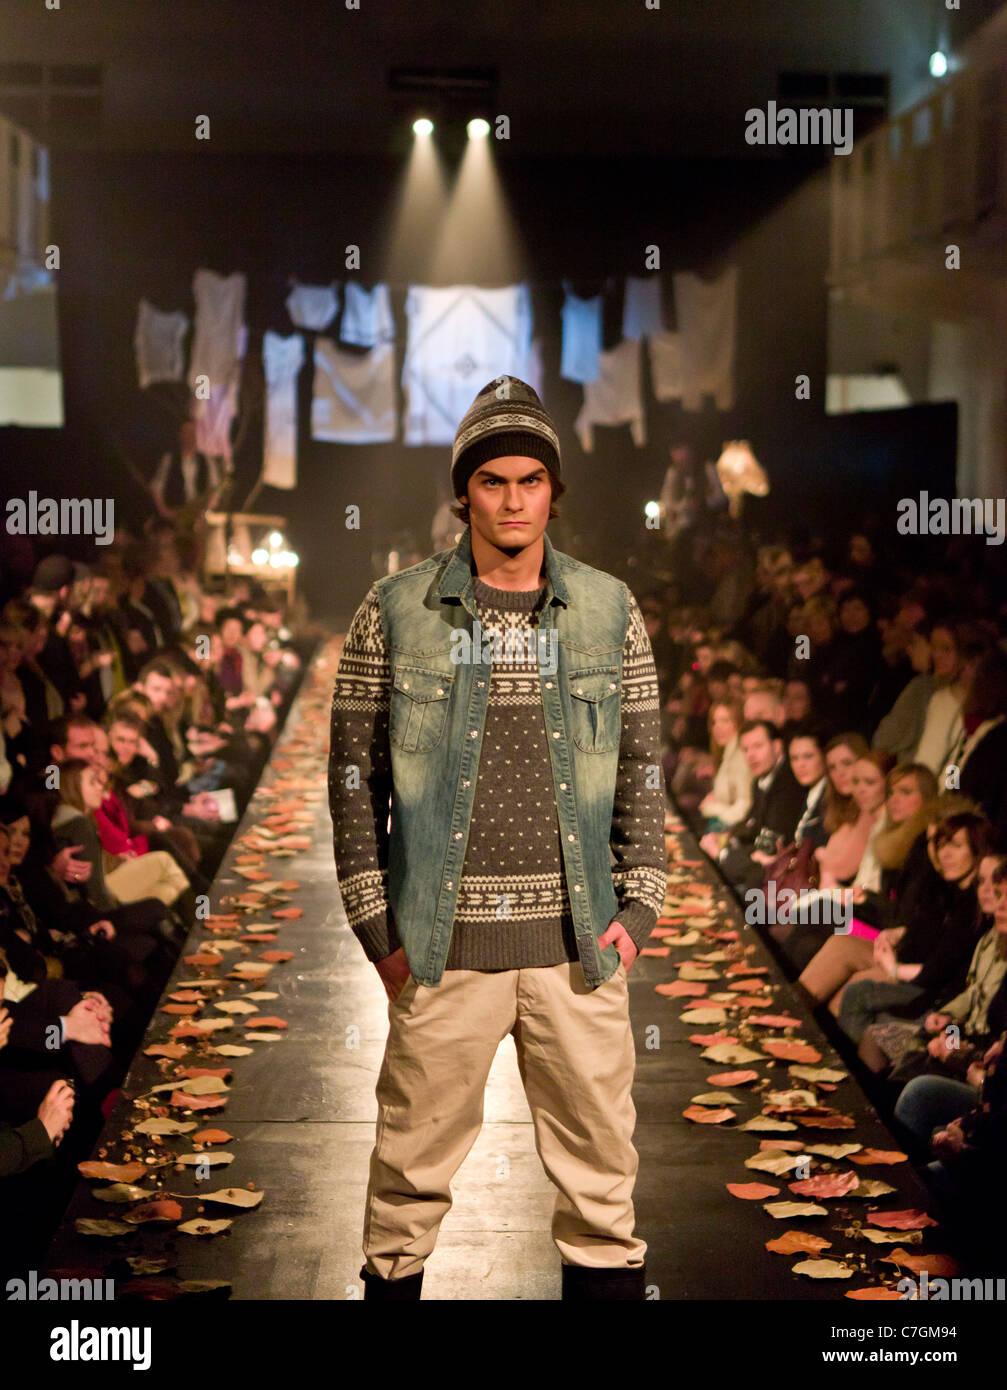 Male model on catwalk at fashion show, Reykjavik Iceland - Stock Image